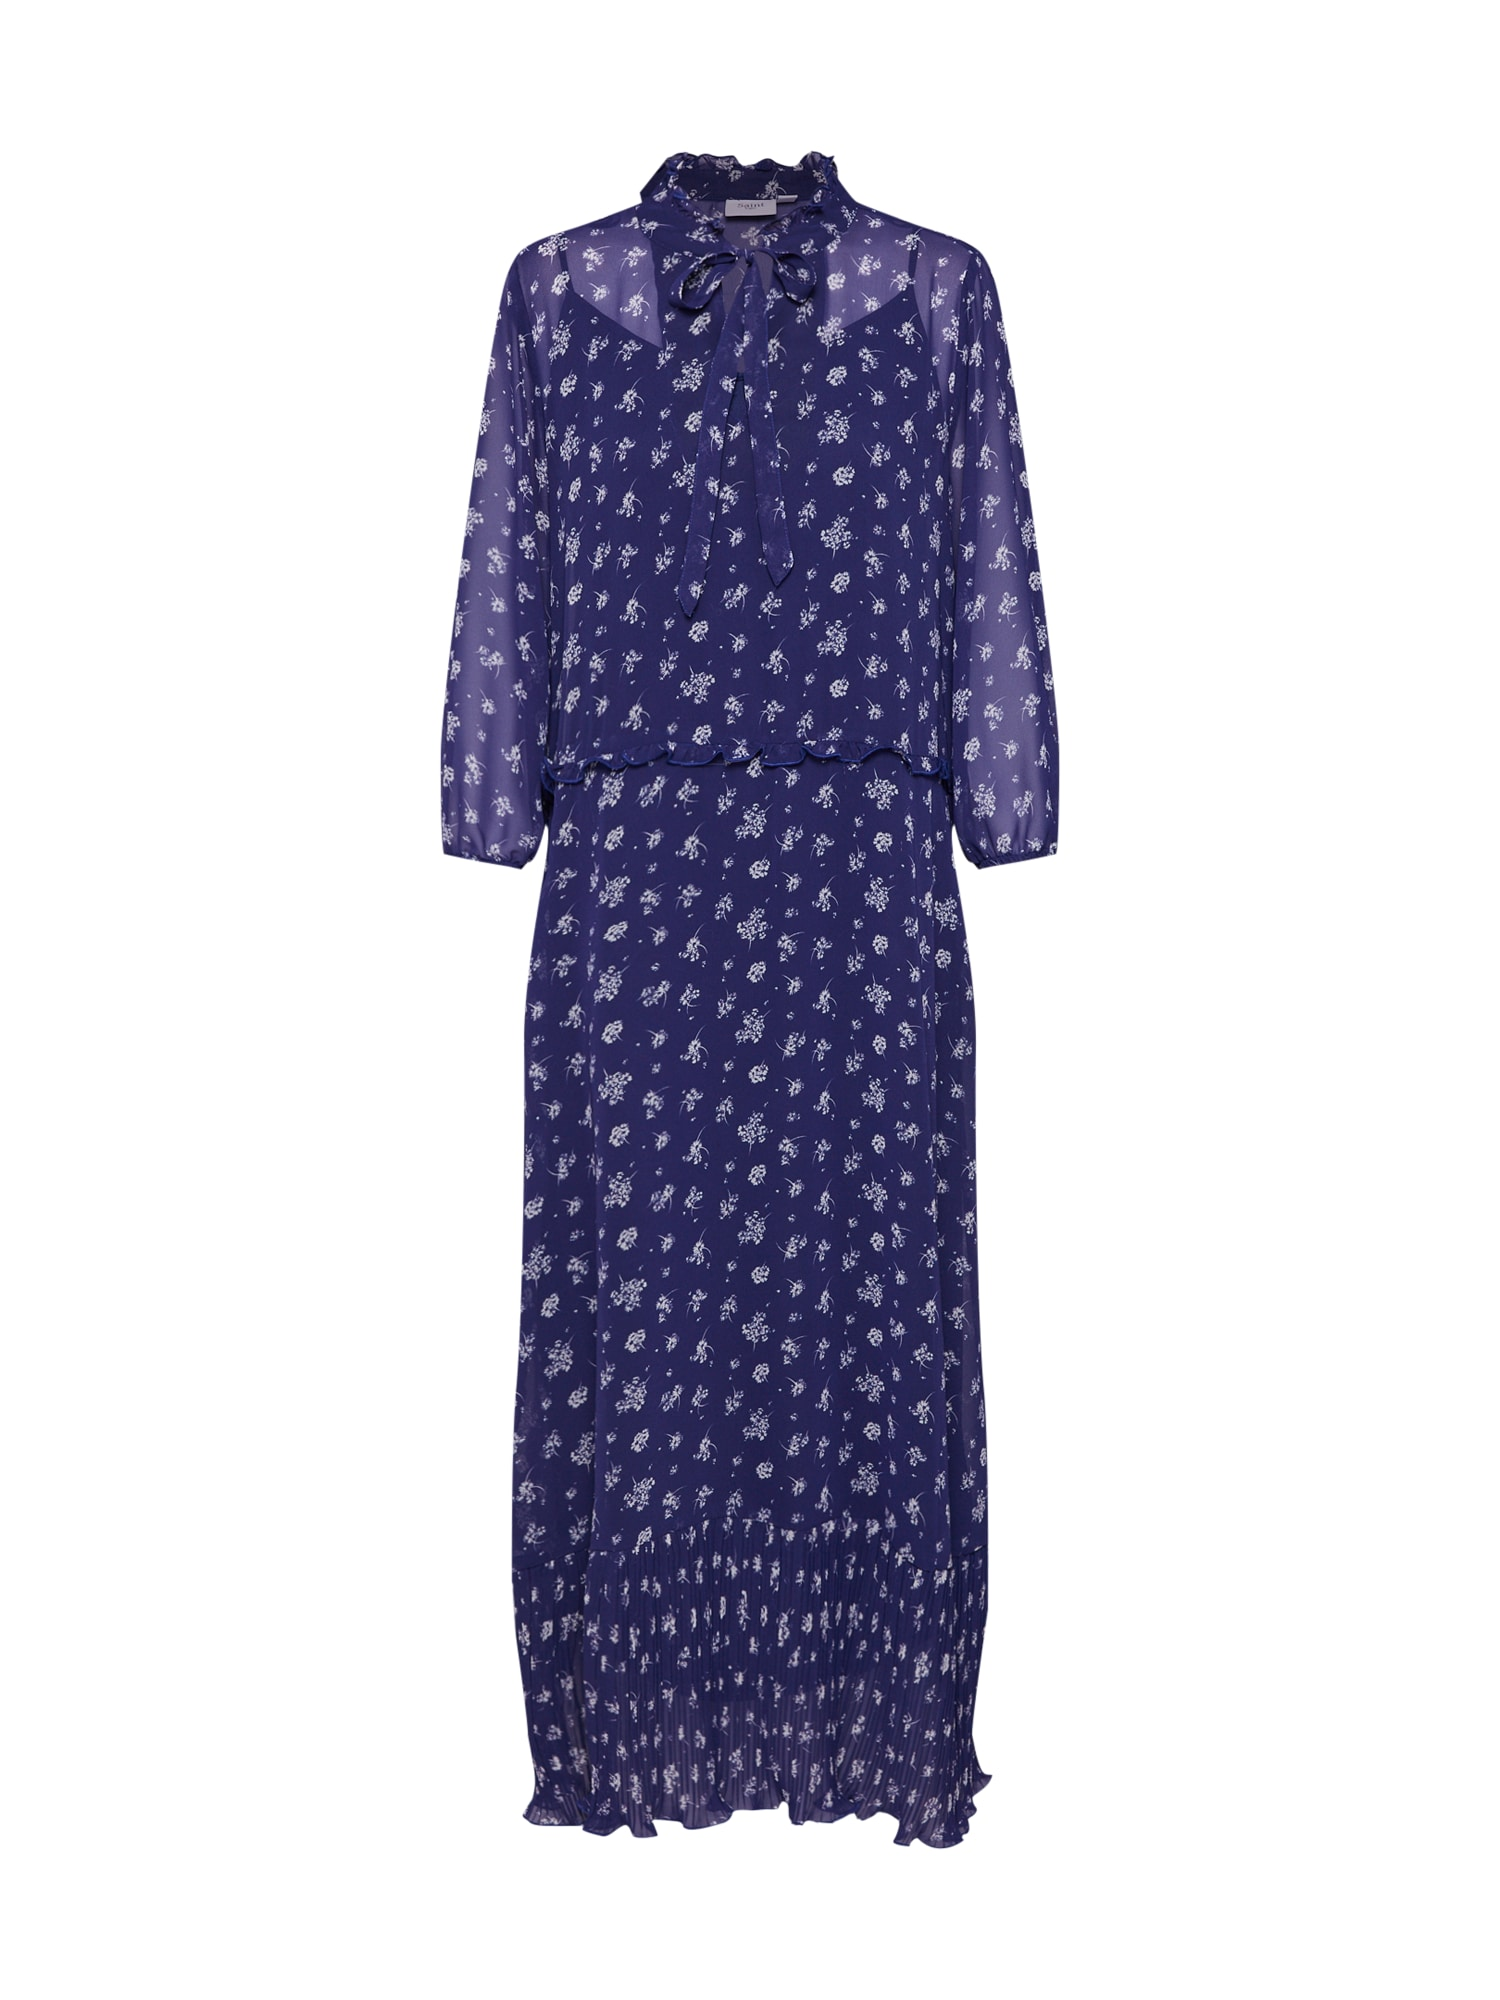 Letní šaty tmavě modrá bílá SAINT TROPEZ